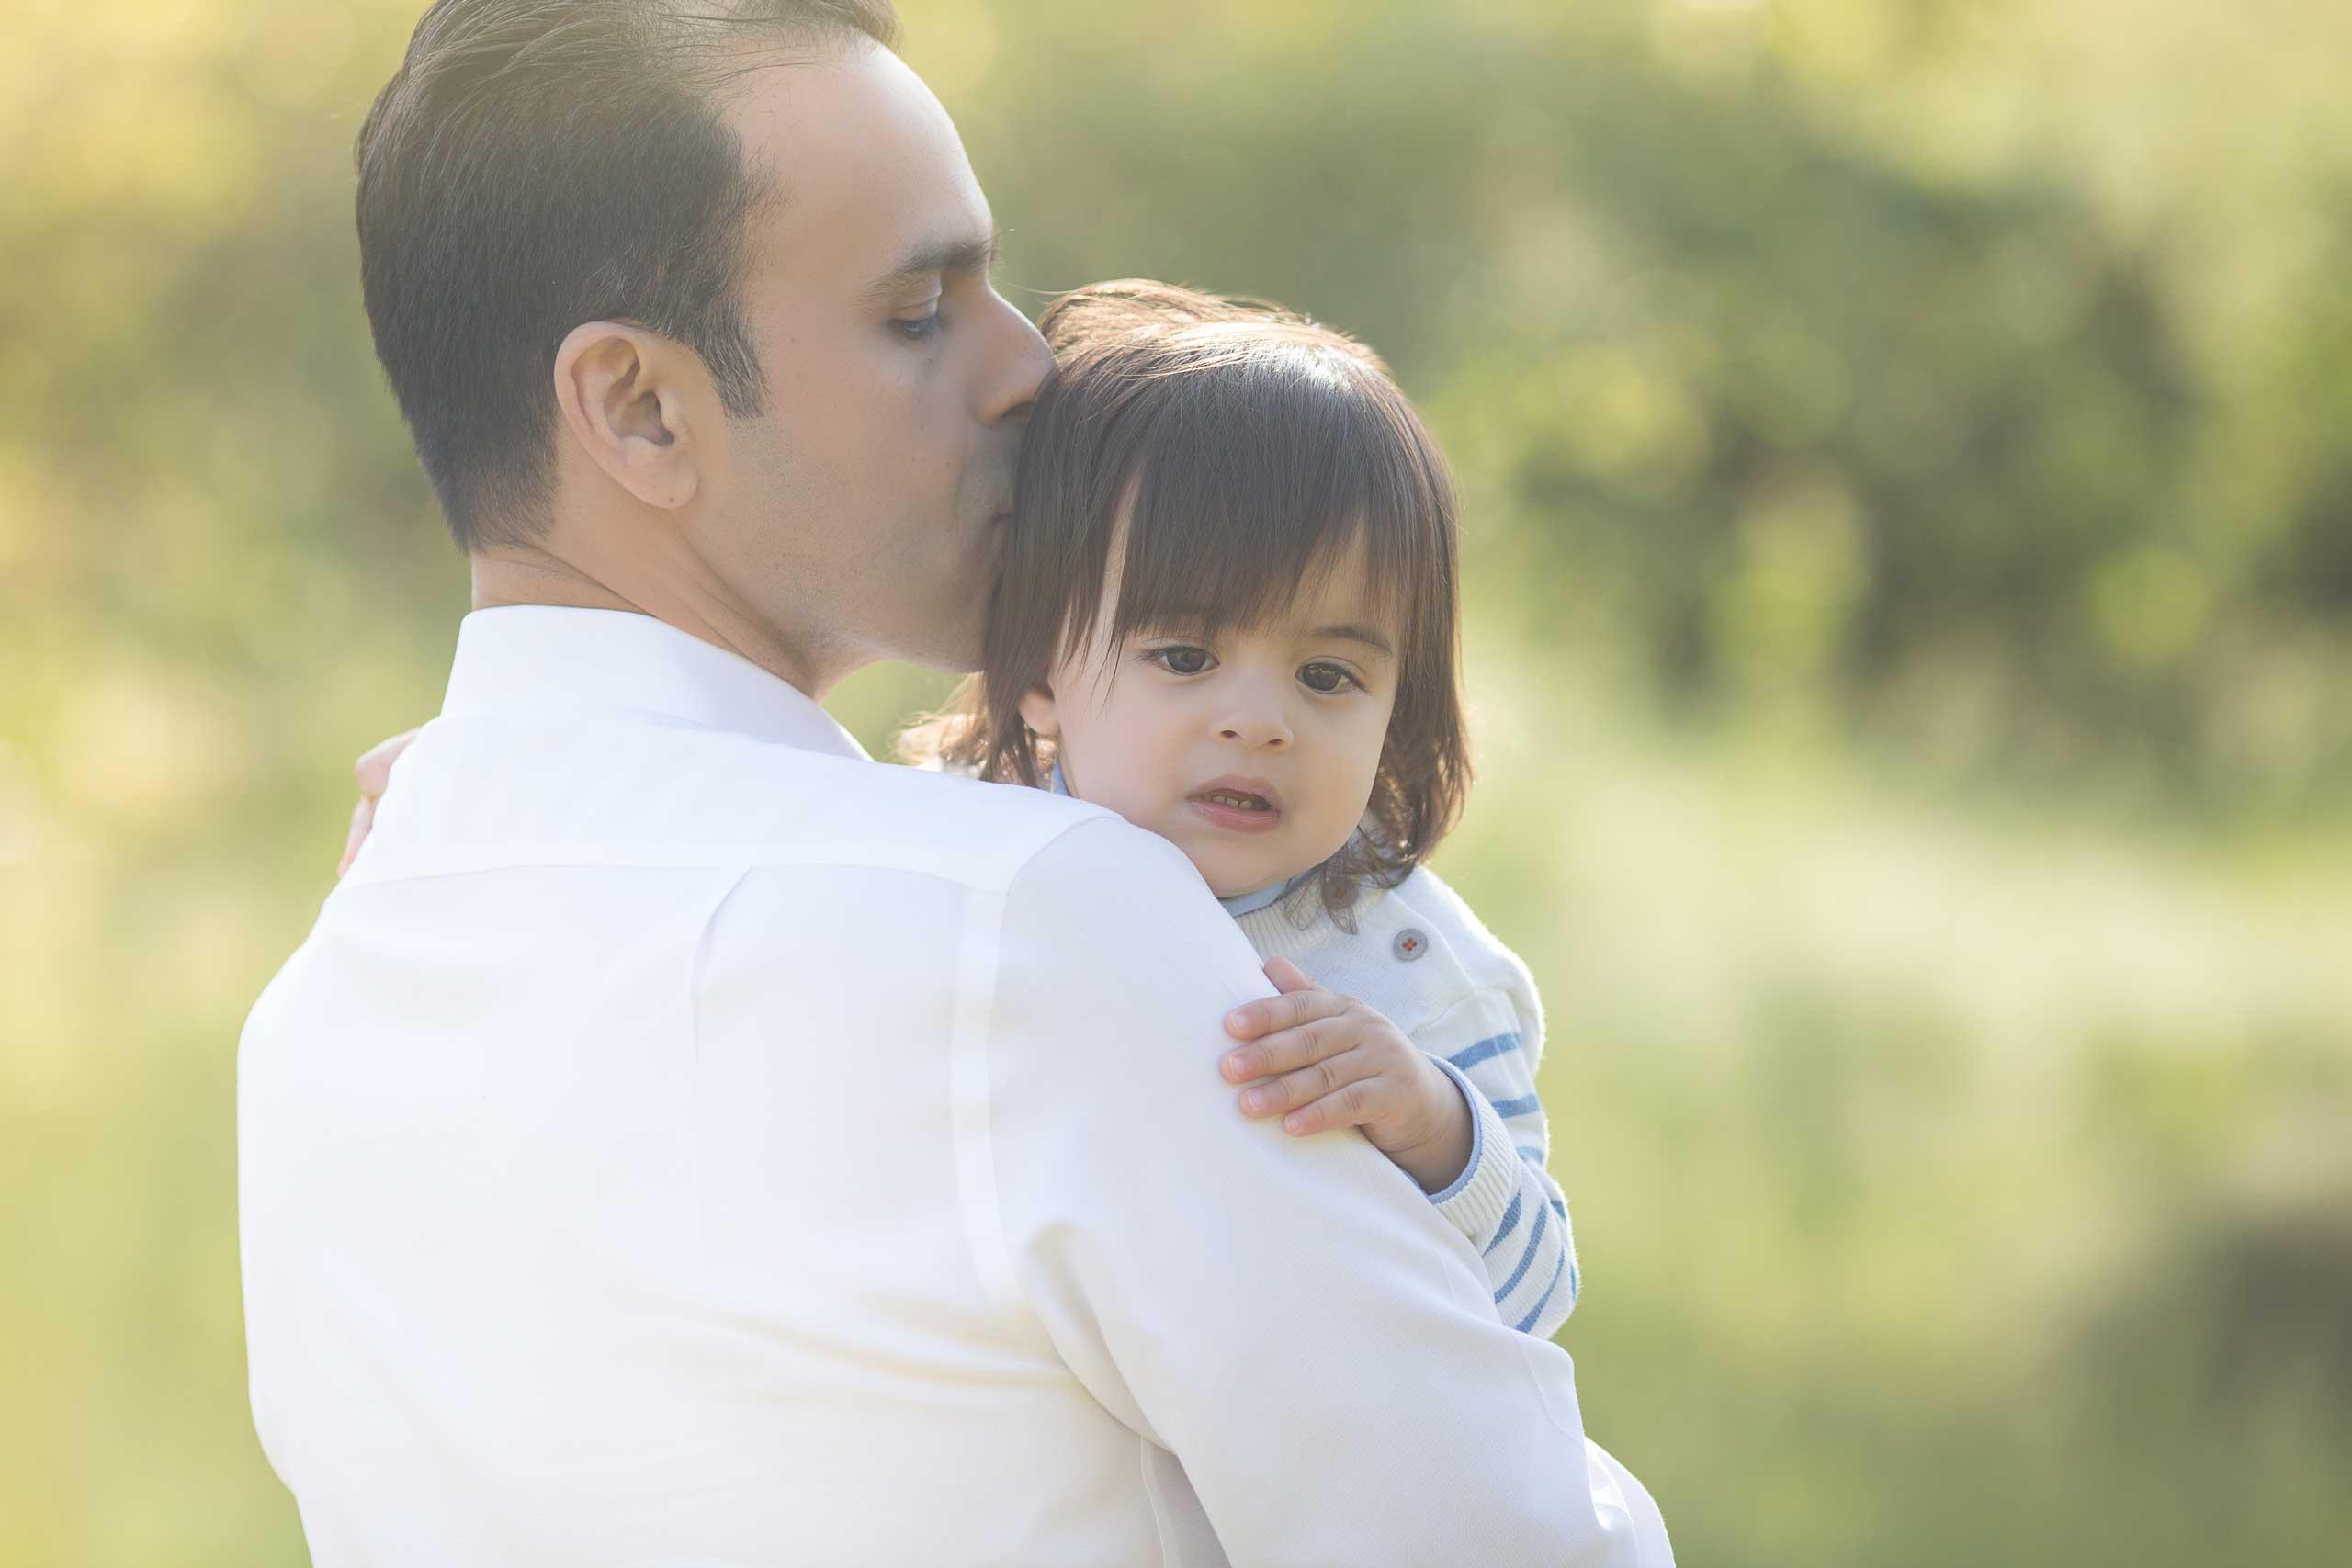 Ramina Magid photography family photography los angeles 66433